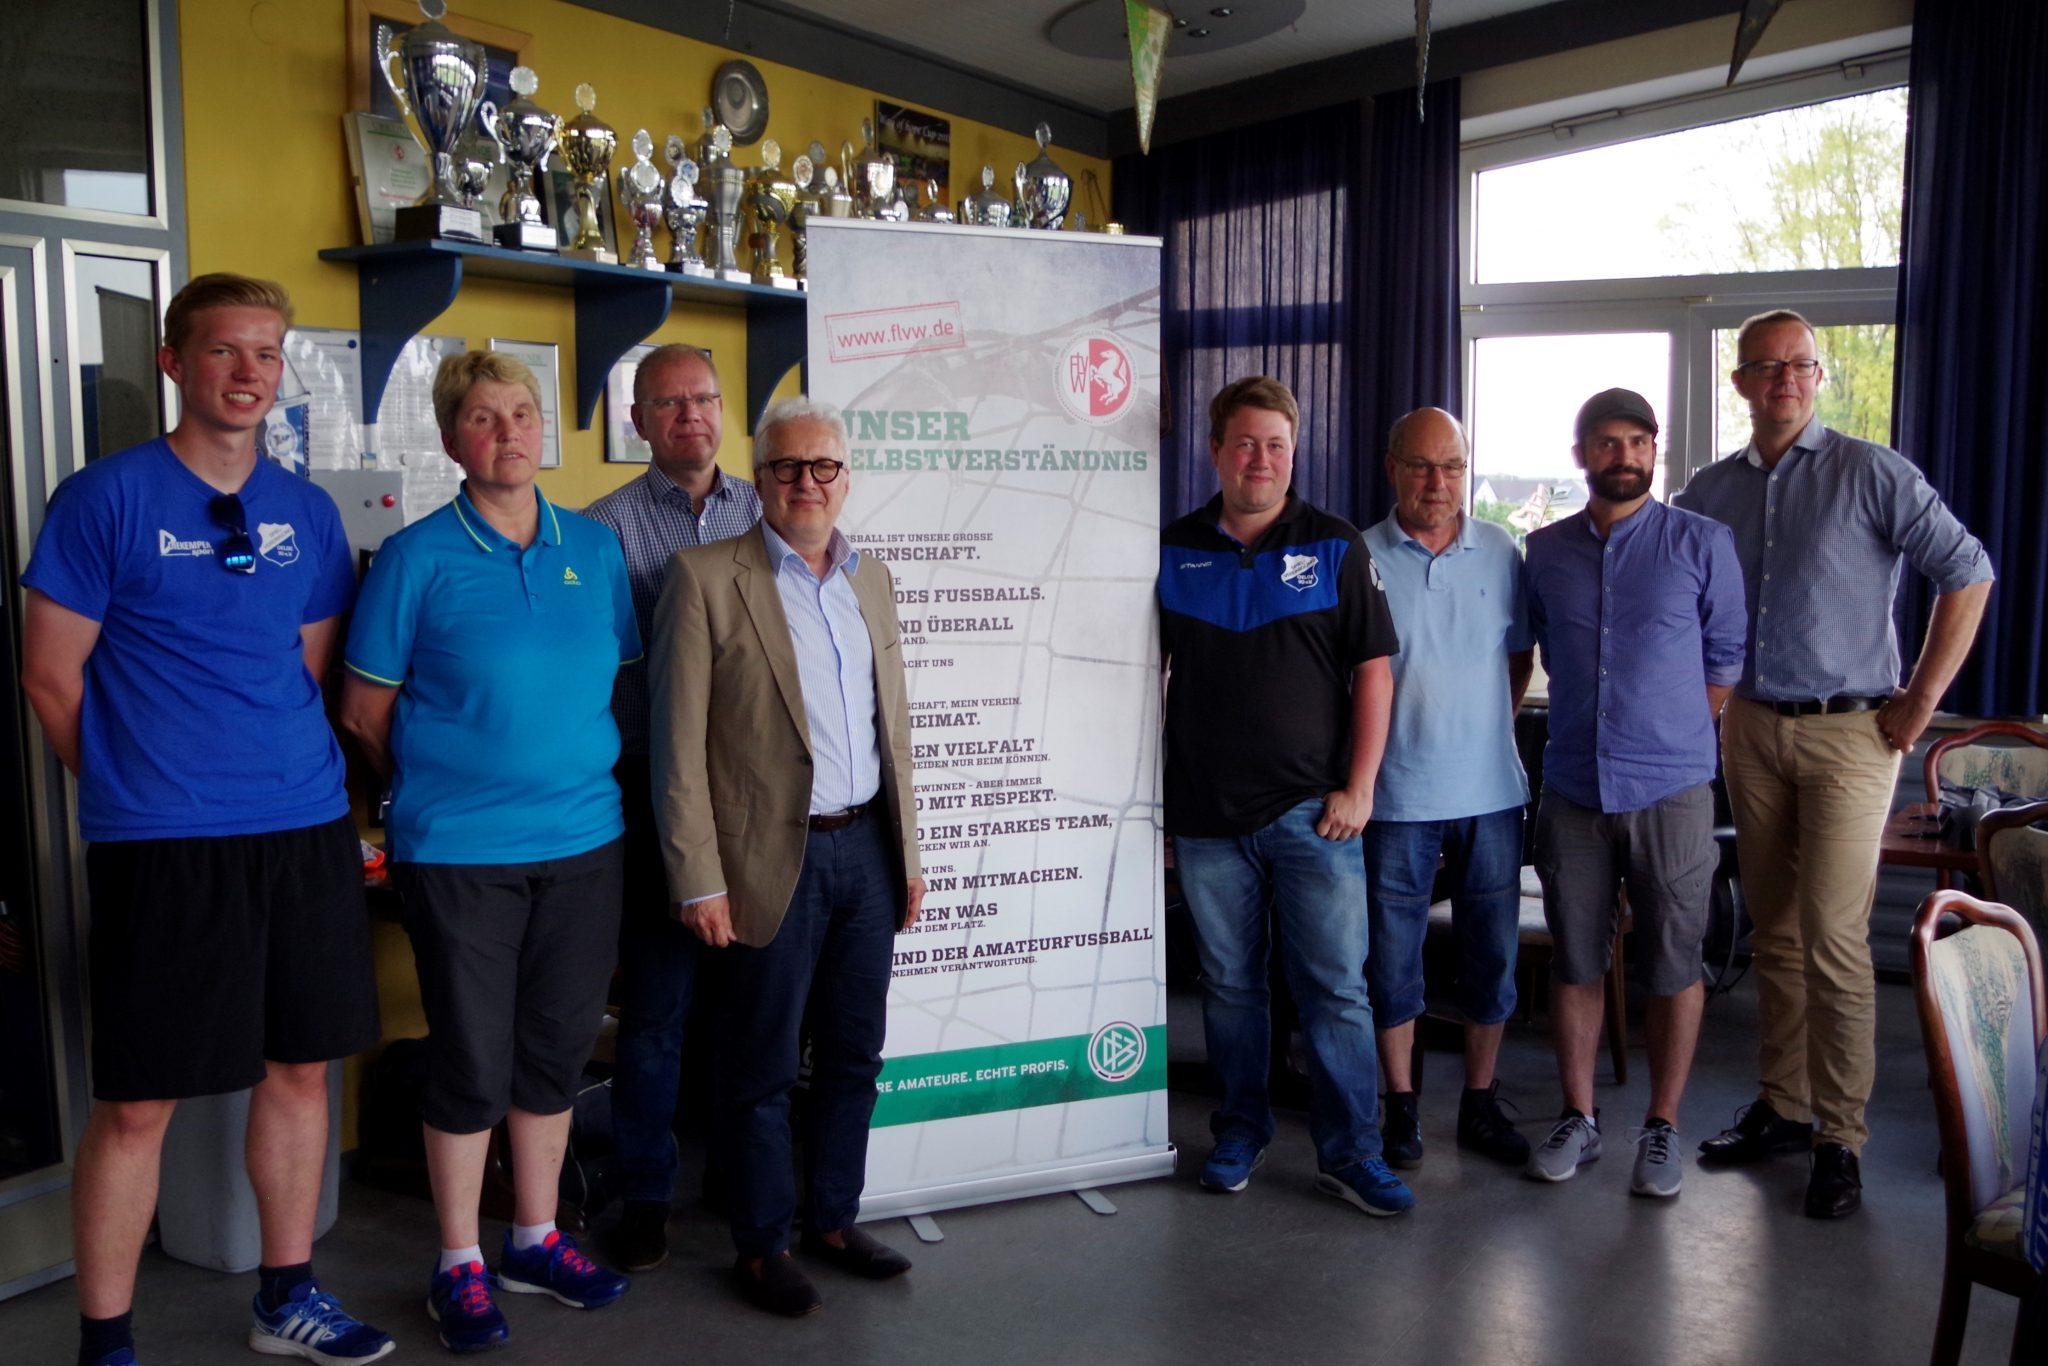 Spielvereinigung lädt Verband zum Vereinsdialog